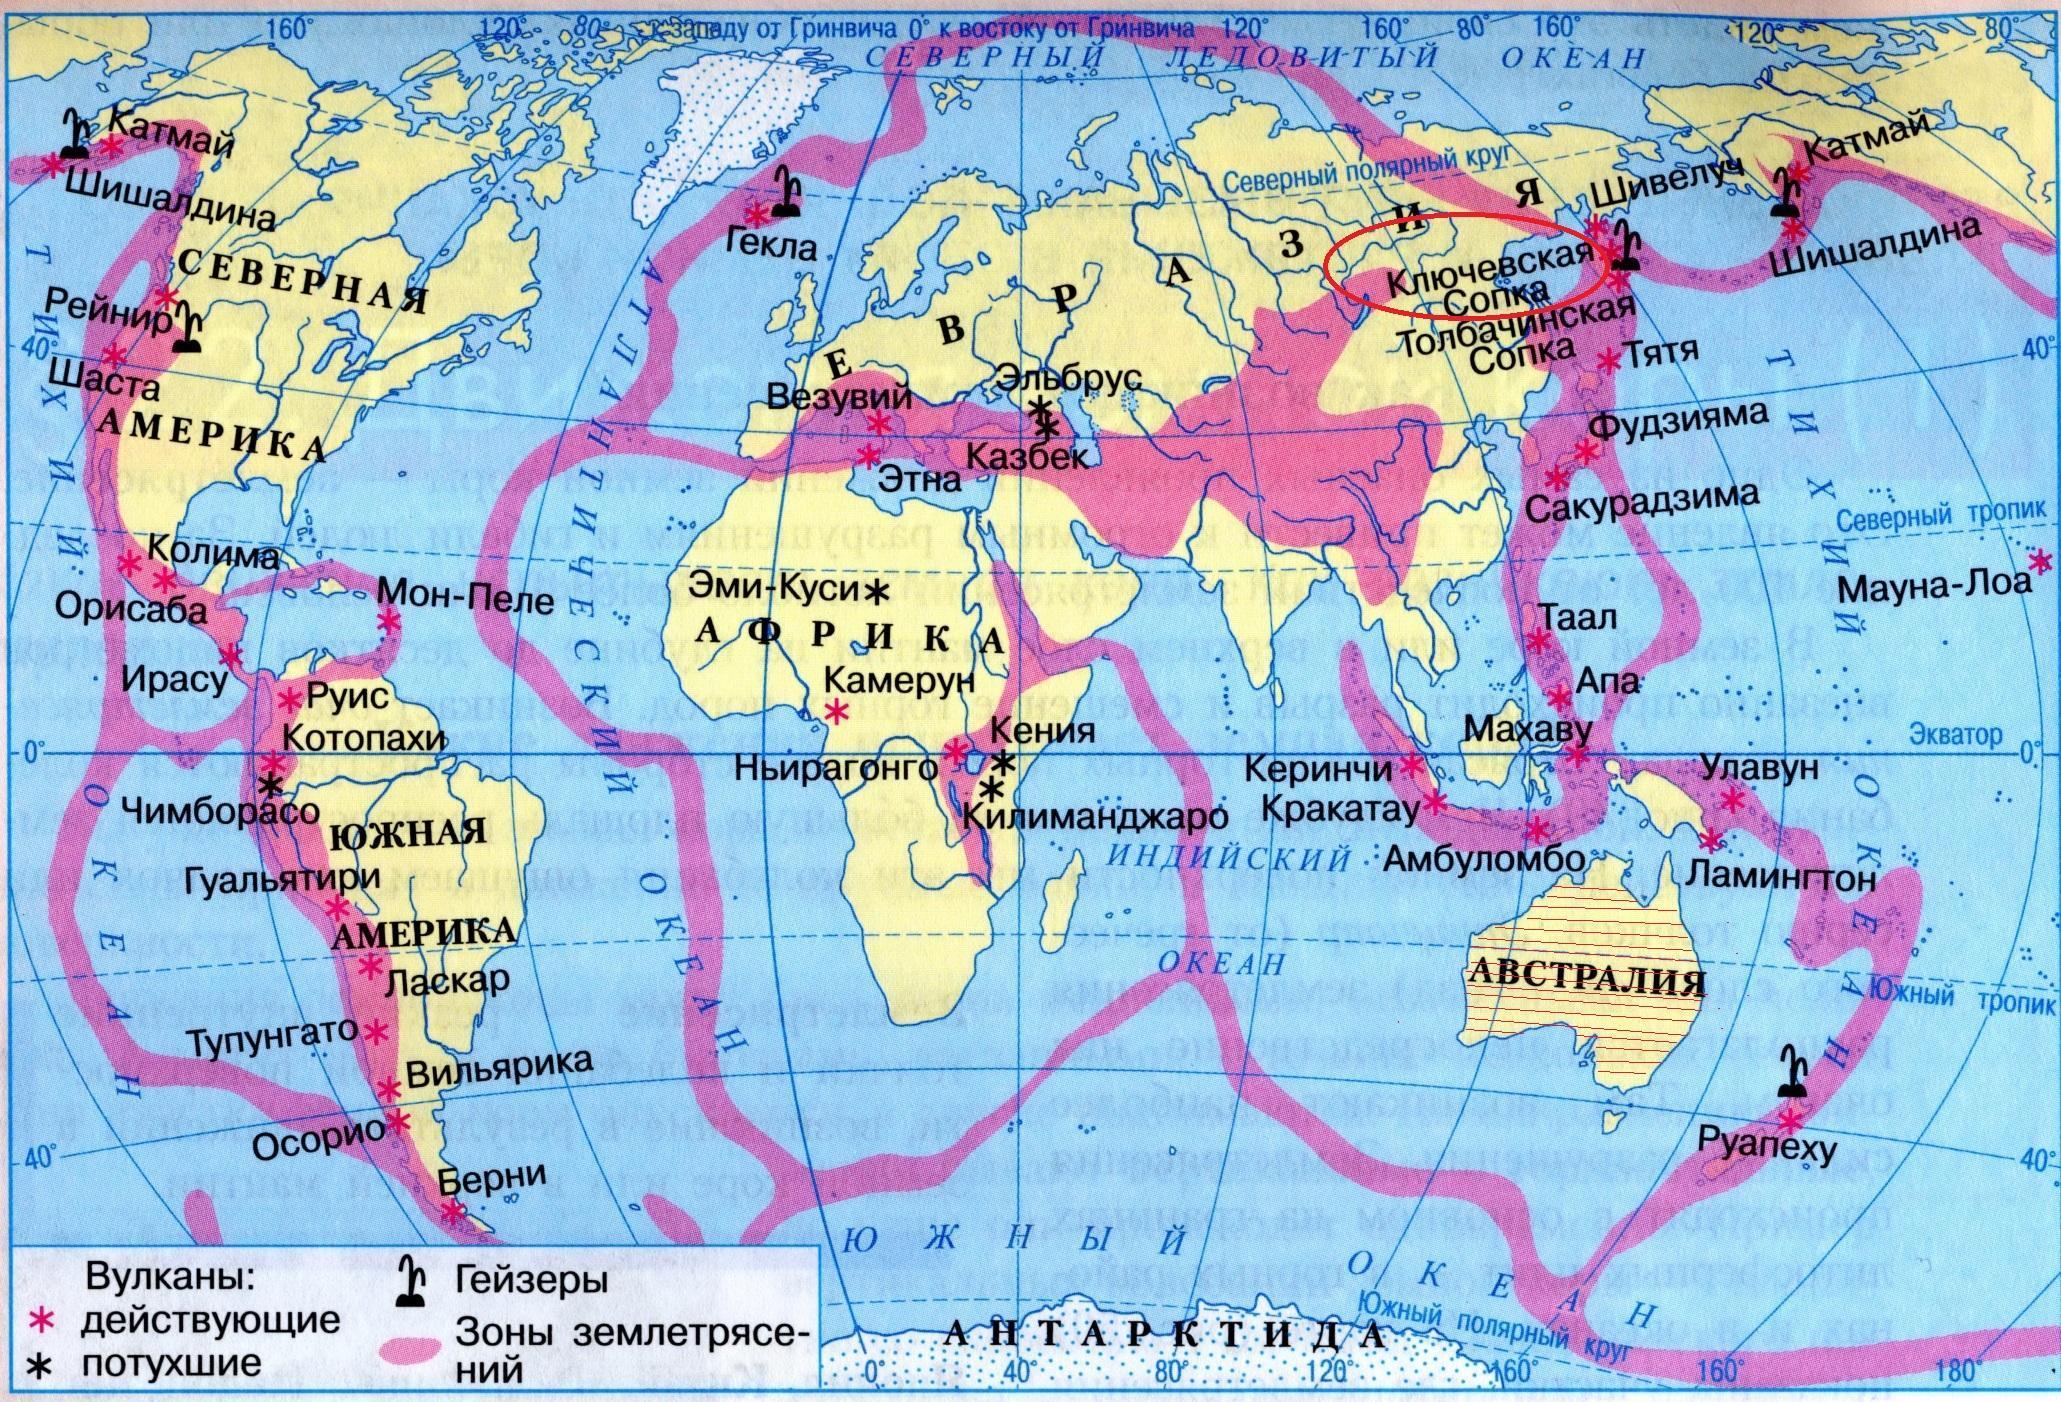 Сейсмические пояса земли – расположение, причины образования и названия зон